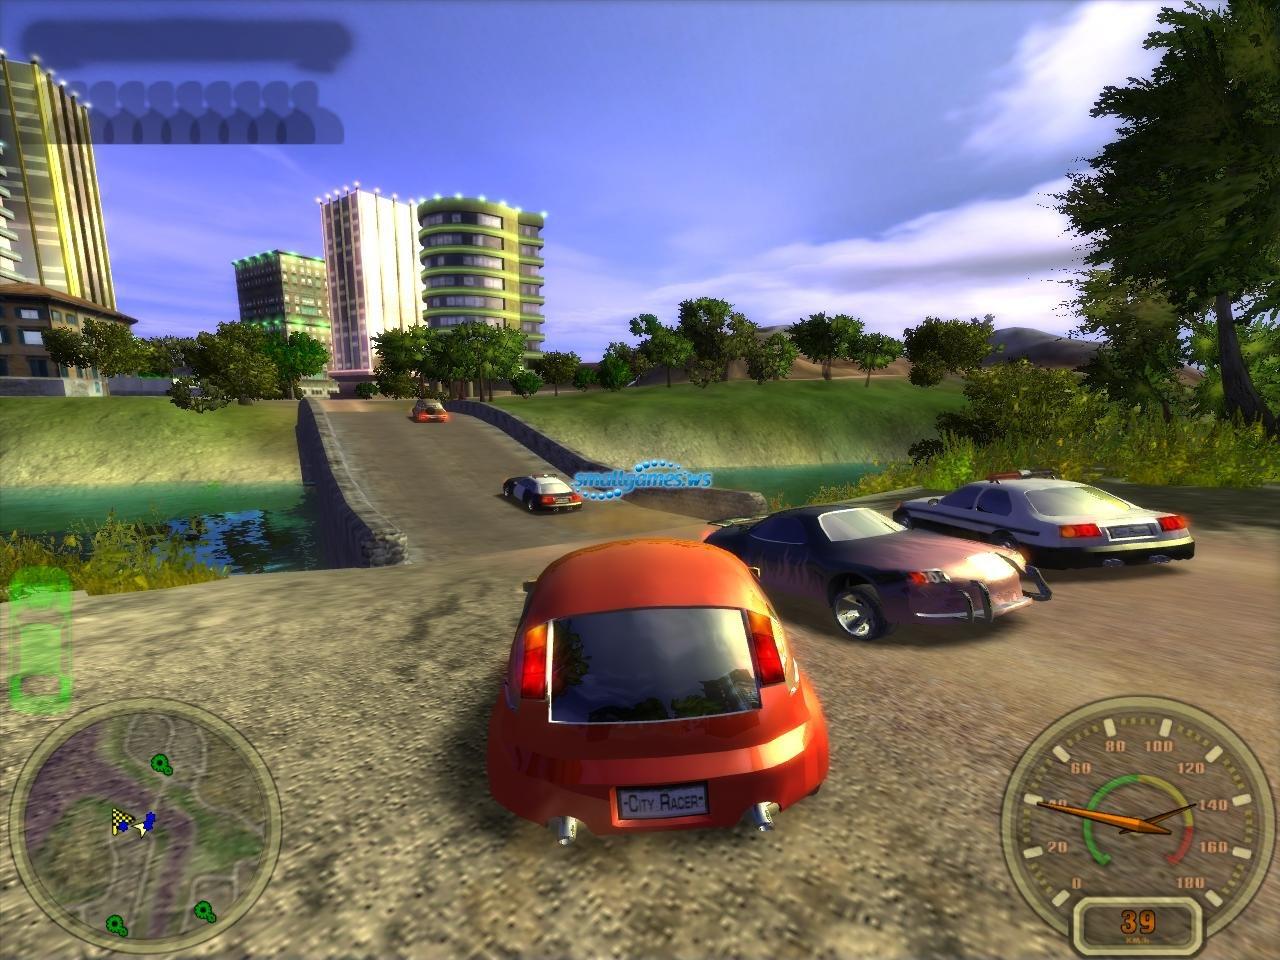 Скачать игру городской гонщик на компьютер